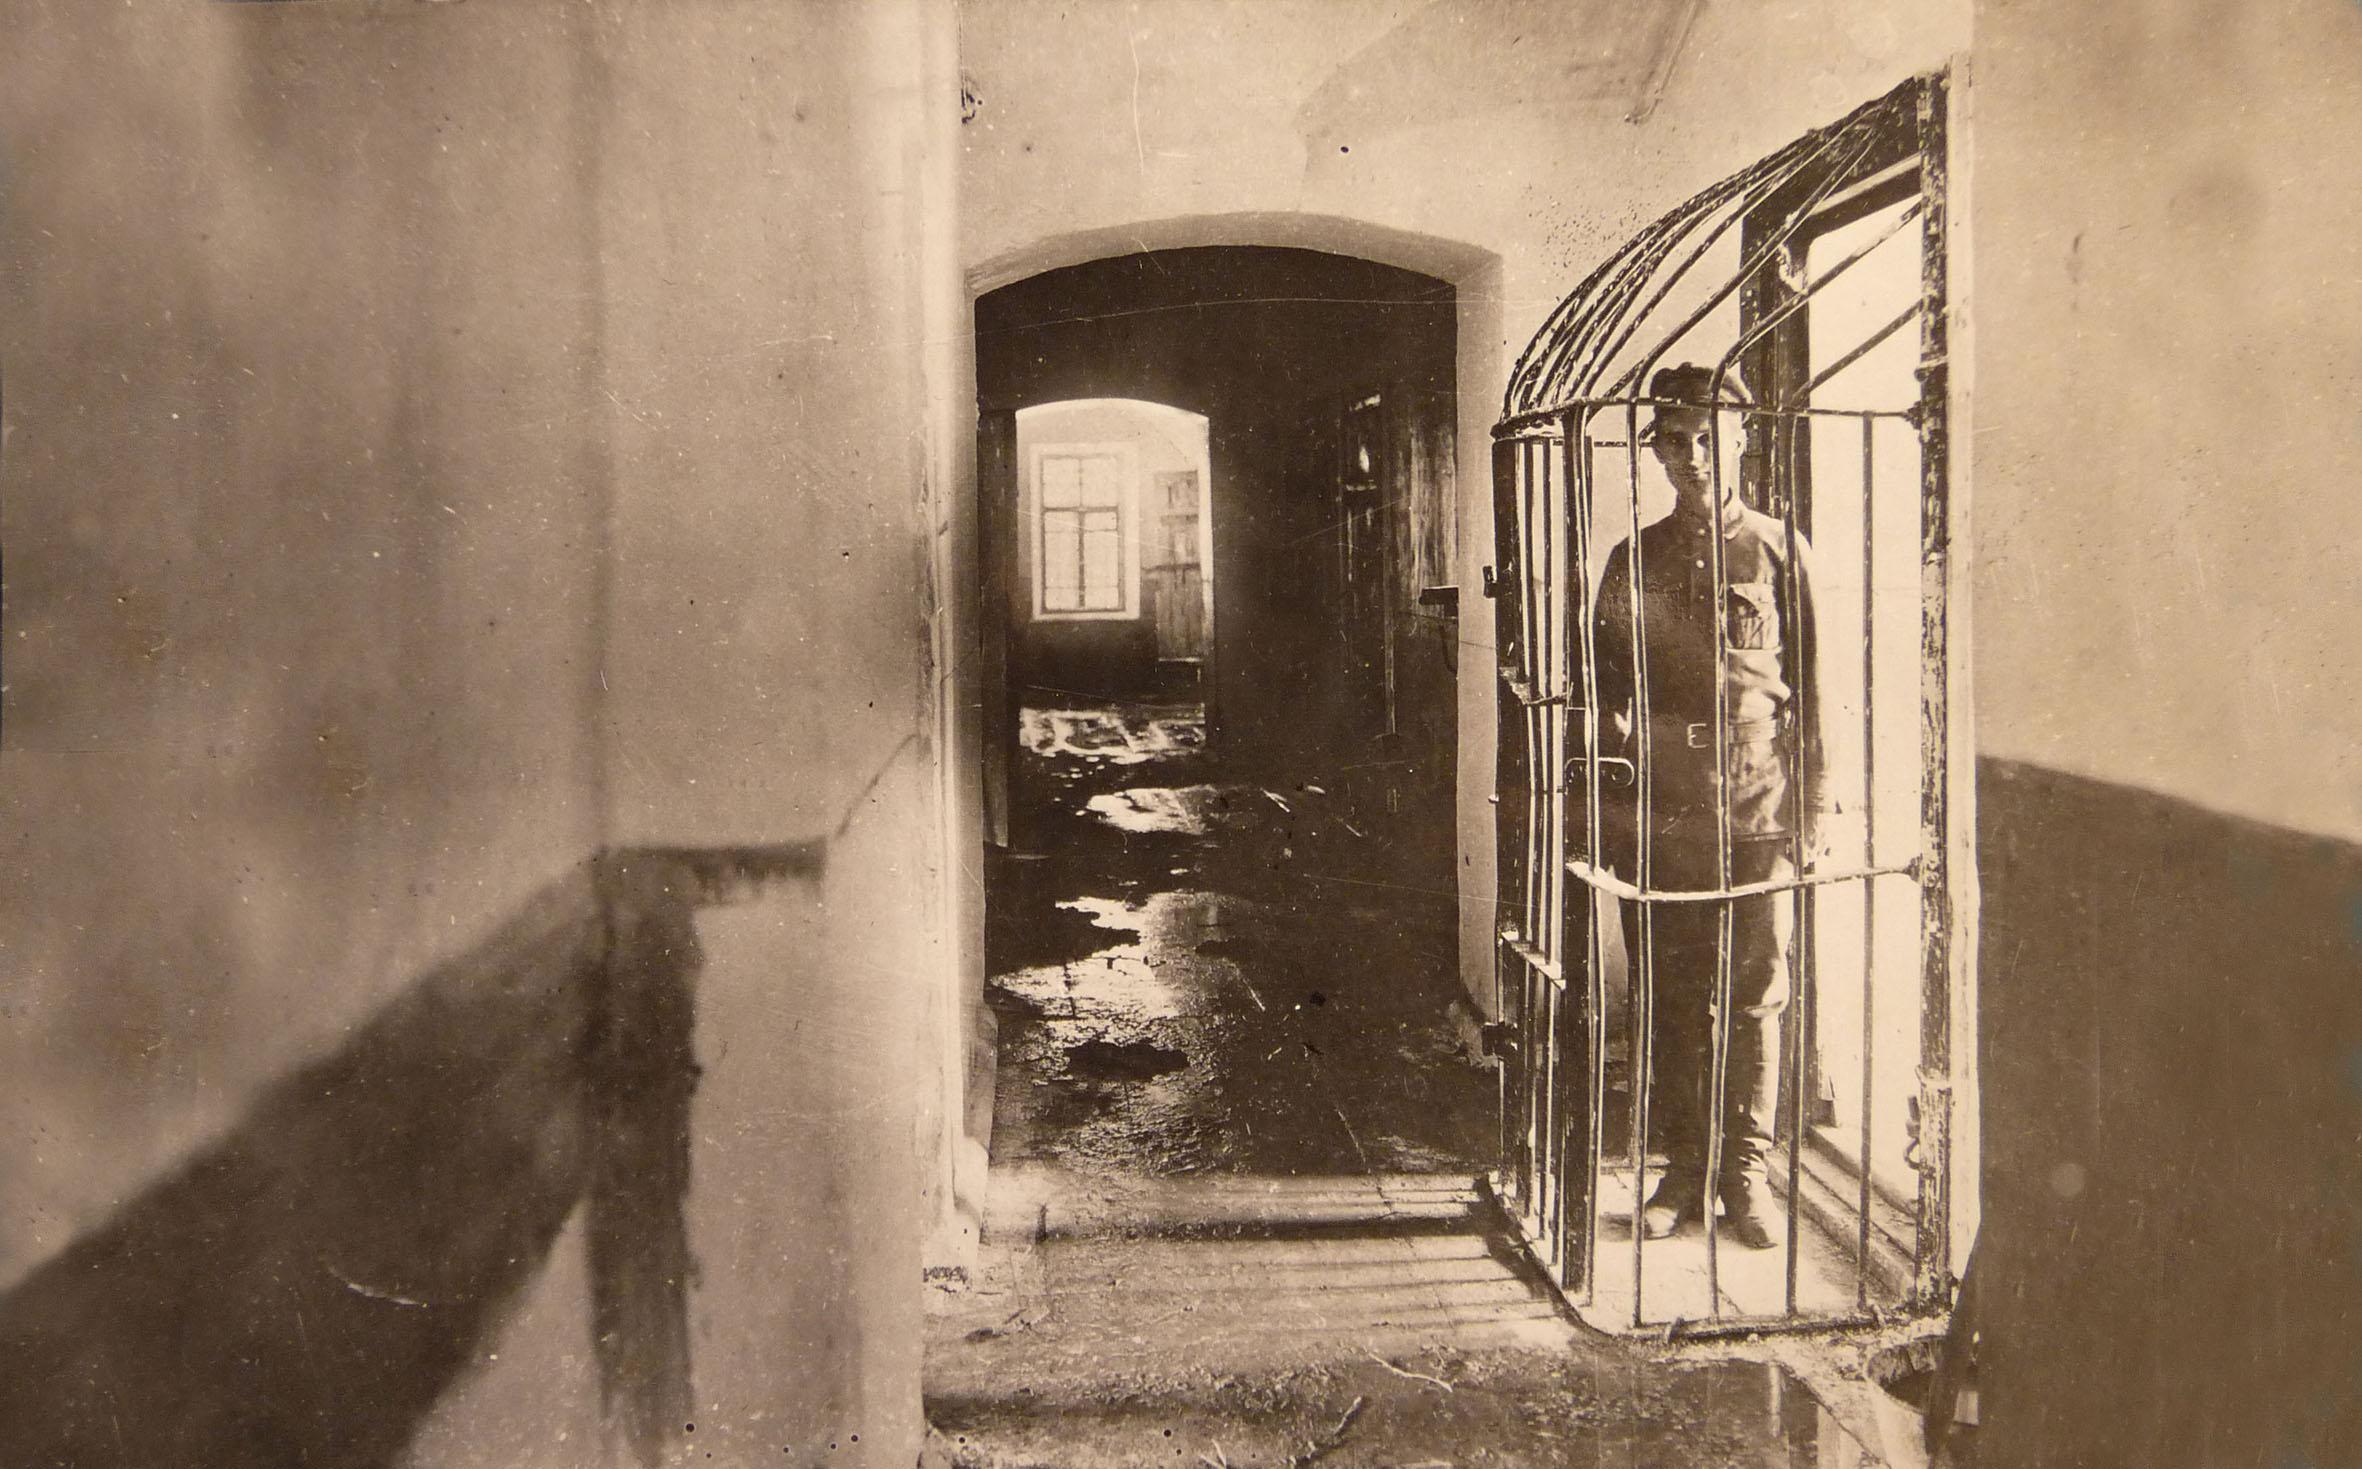 Tomszk--börtön és kivégzőhely